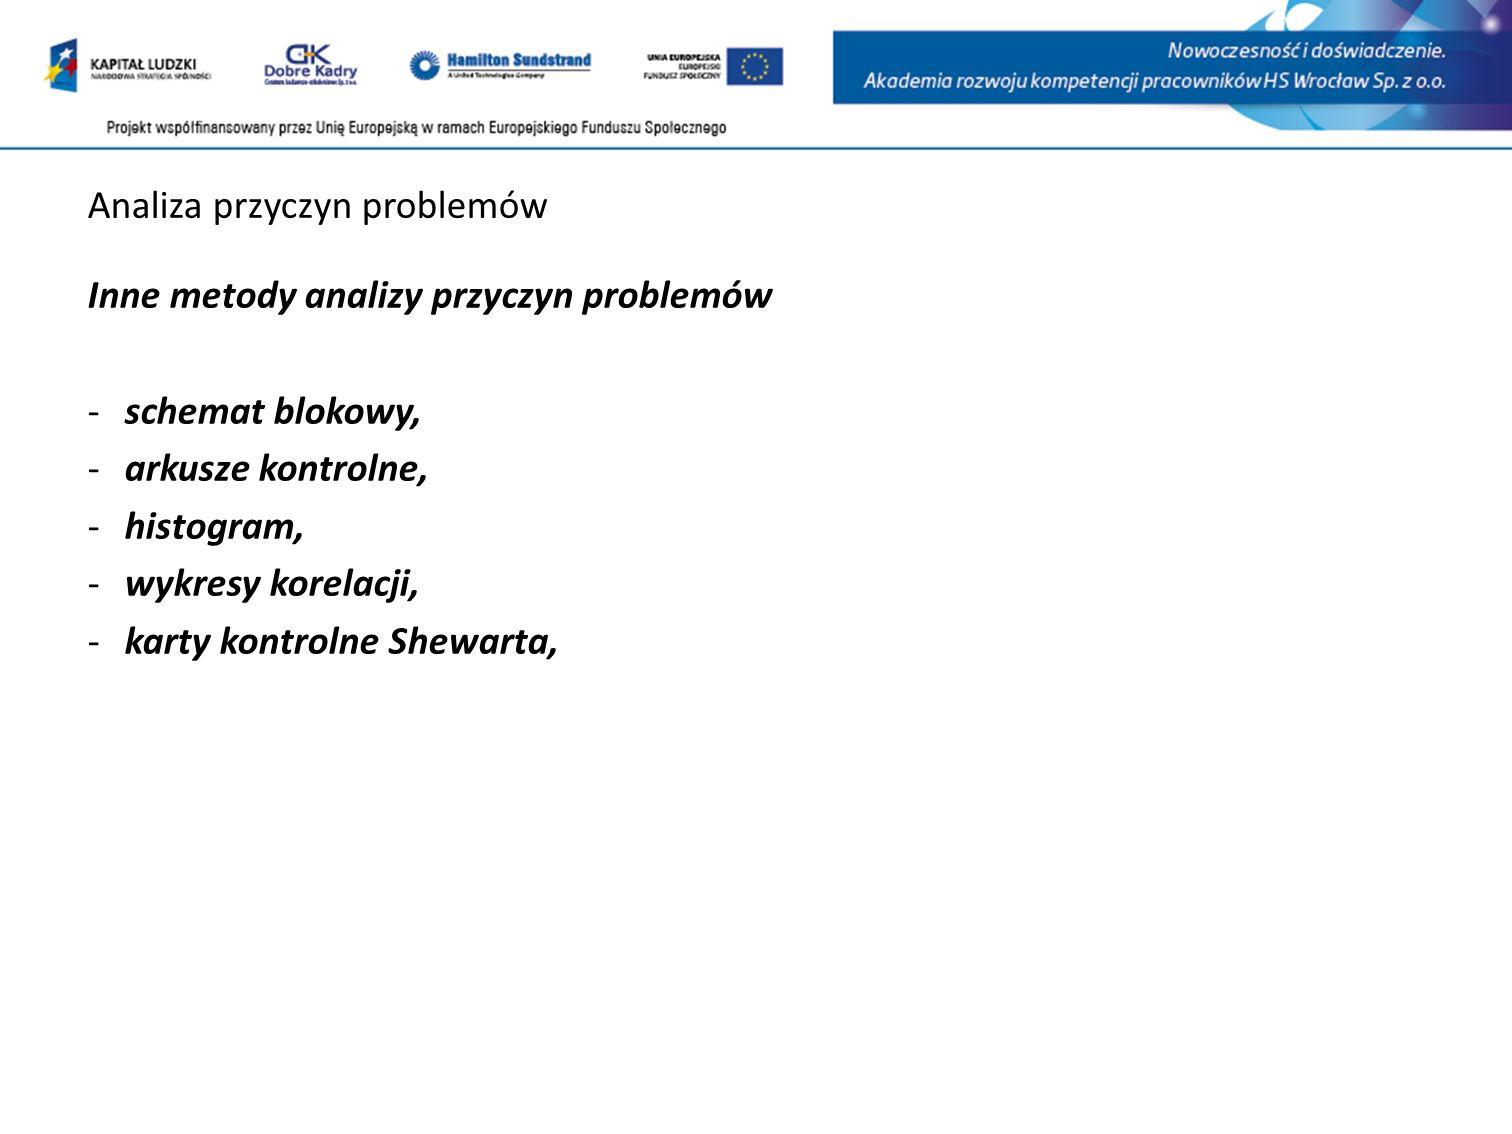 Analiza przyczyn problemów